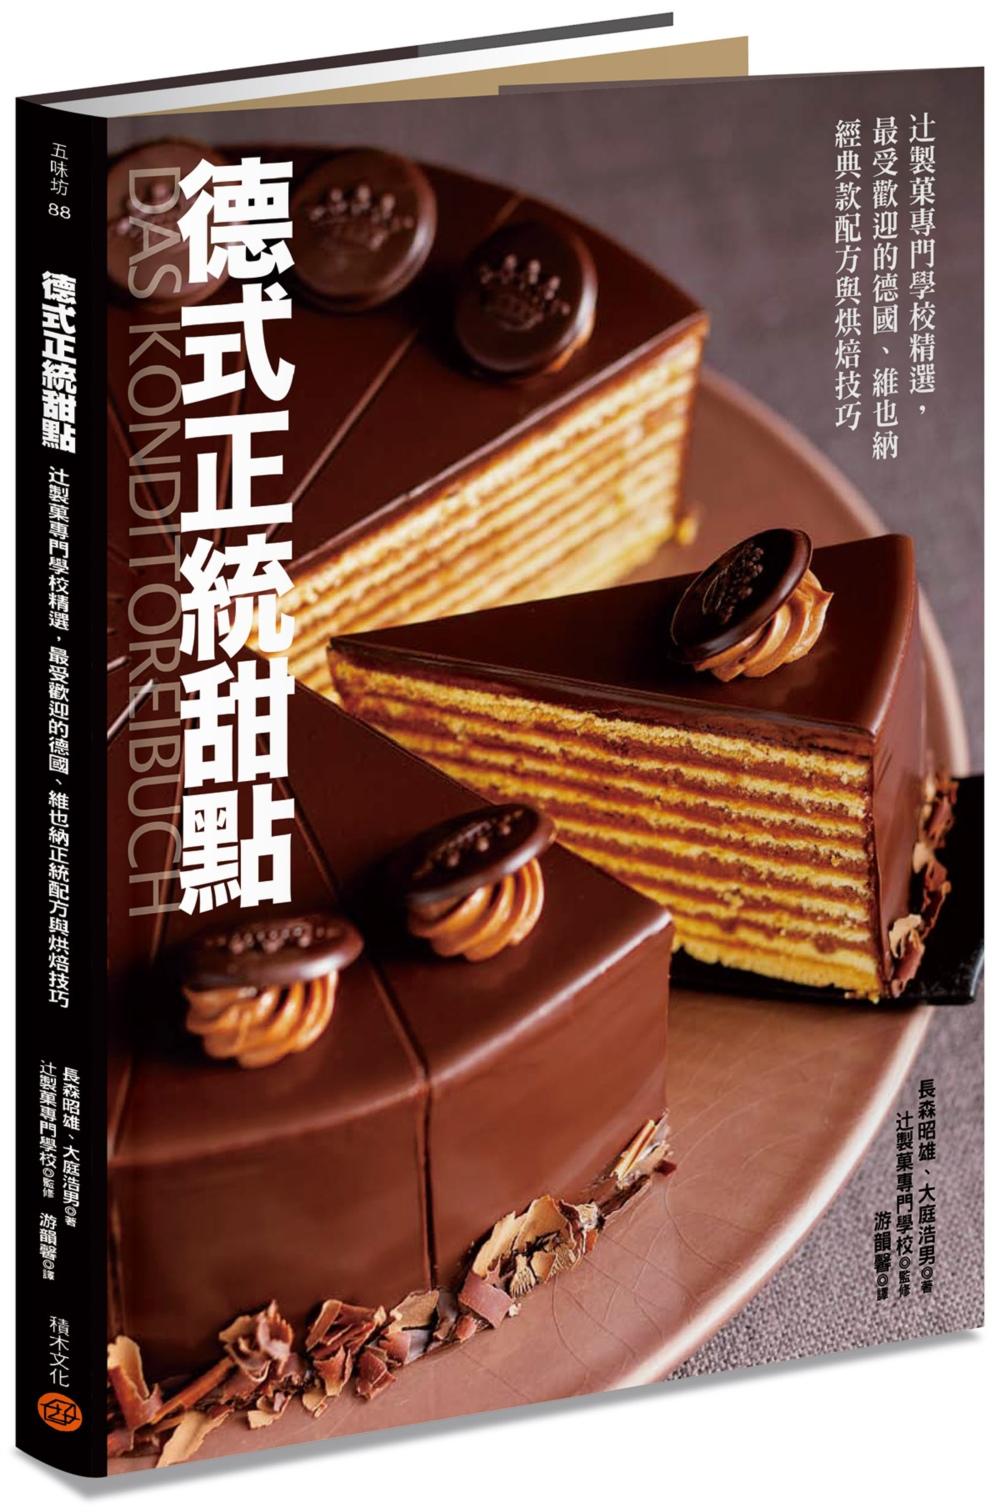 ◤博客來BOOKS◢ 暢銷書榜《推薦》德式正統甜點:辻製菓專門學校精選,最受歡迎的德國、維也納經典款配方與烘焙技巧